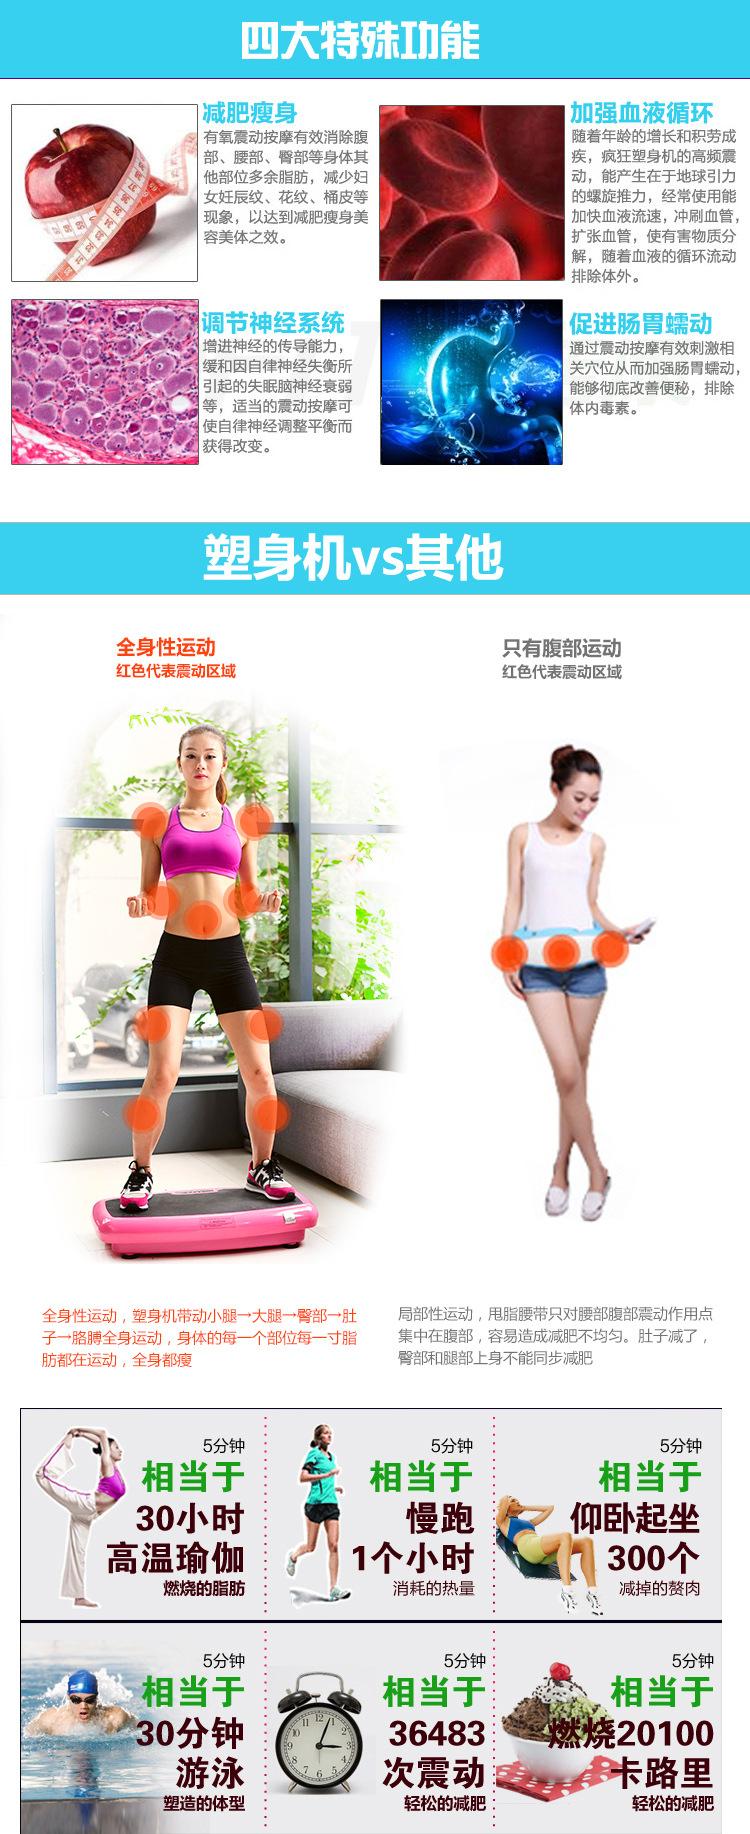 供应高压运动甩脂机在家即可轻松瘦身减电力瓷瓶懒人图片